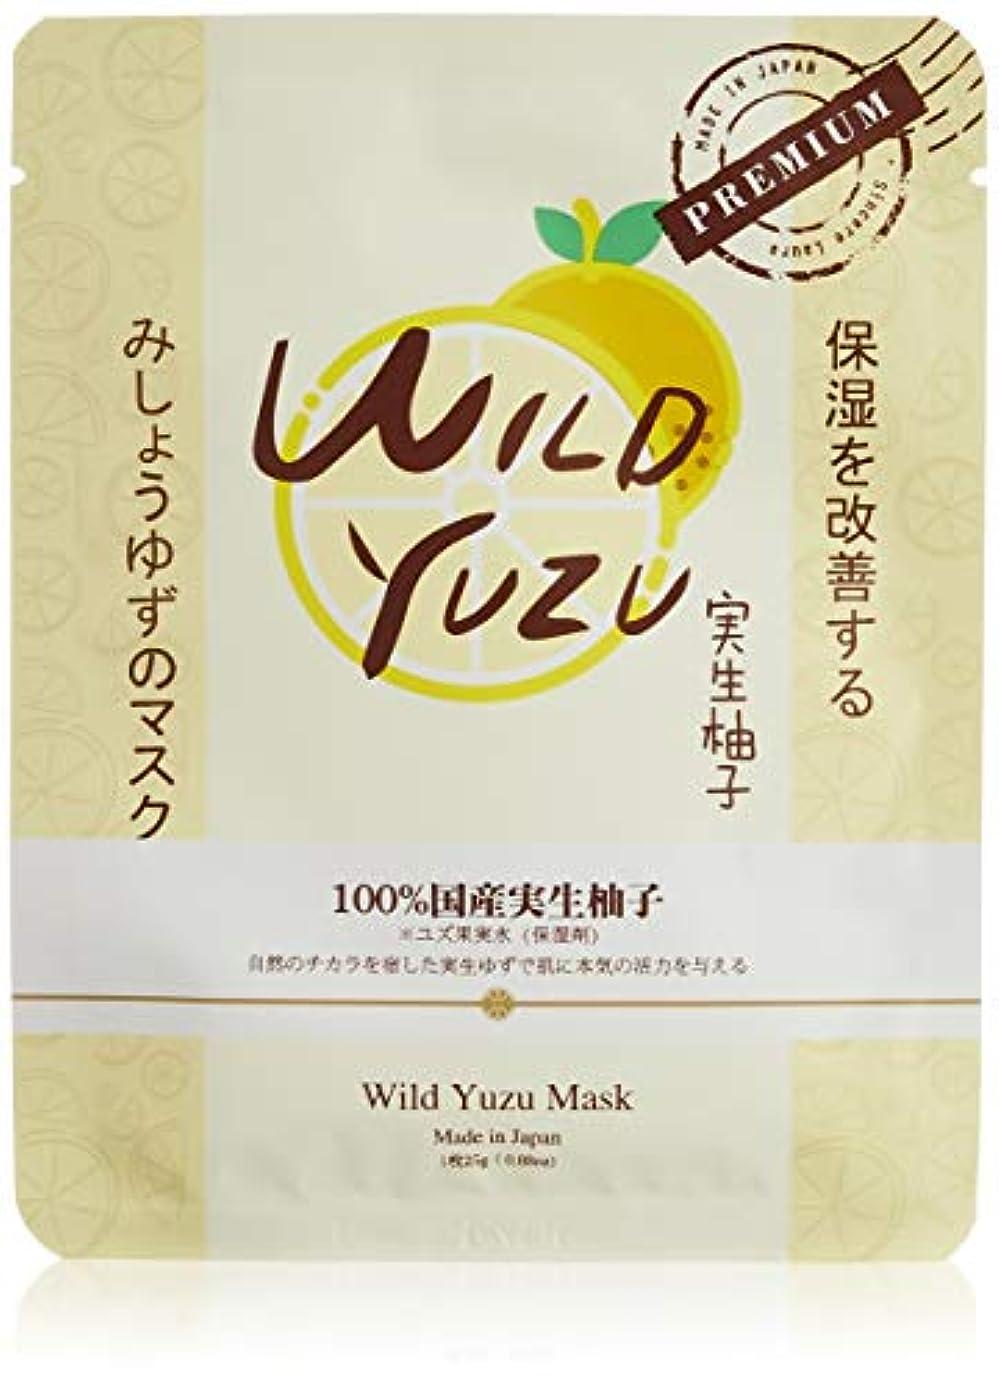 ワインインデックスありがたい恵みのエッセンスマスク WY